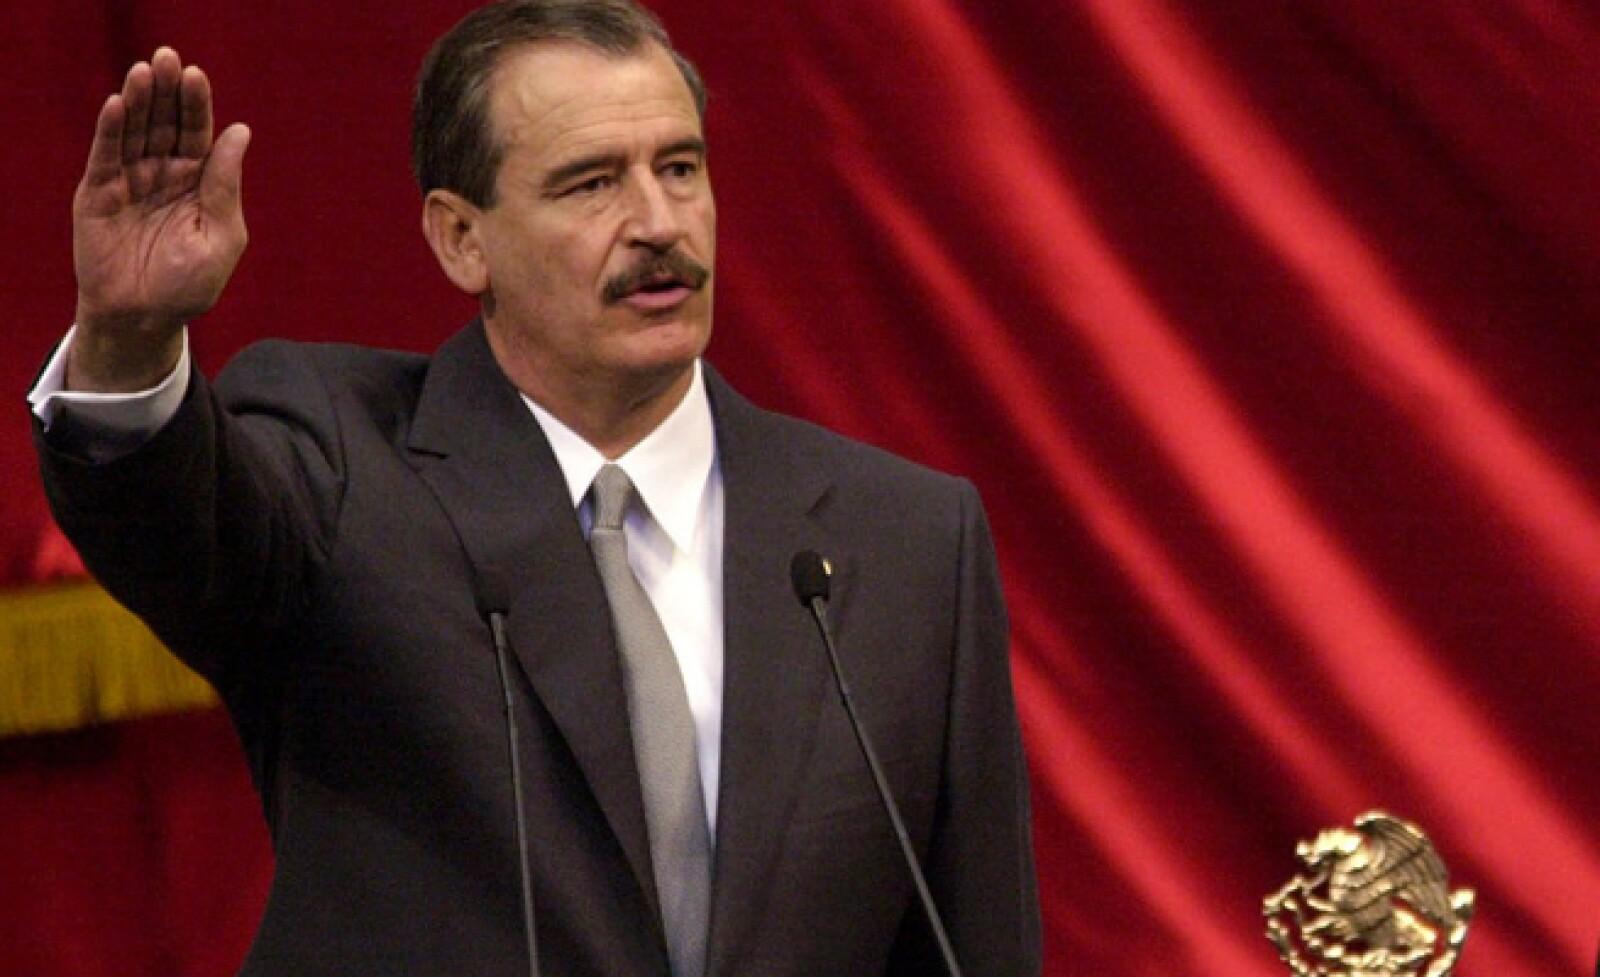 """El panista ganó la elección del 2000 y gobernó hasta 2006. Actualmente sostiene que se debe apoyar al """"puntero"""", en referencia al priista Enrique Peña."""